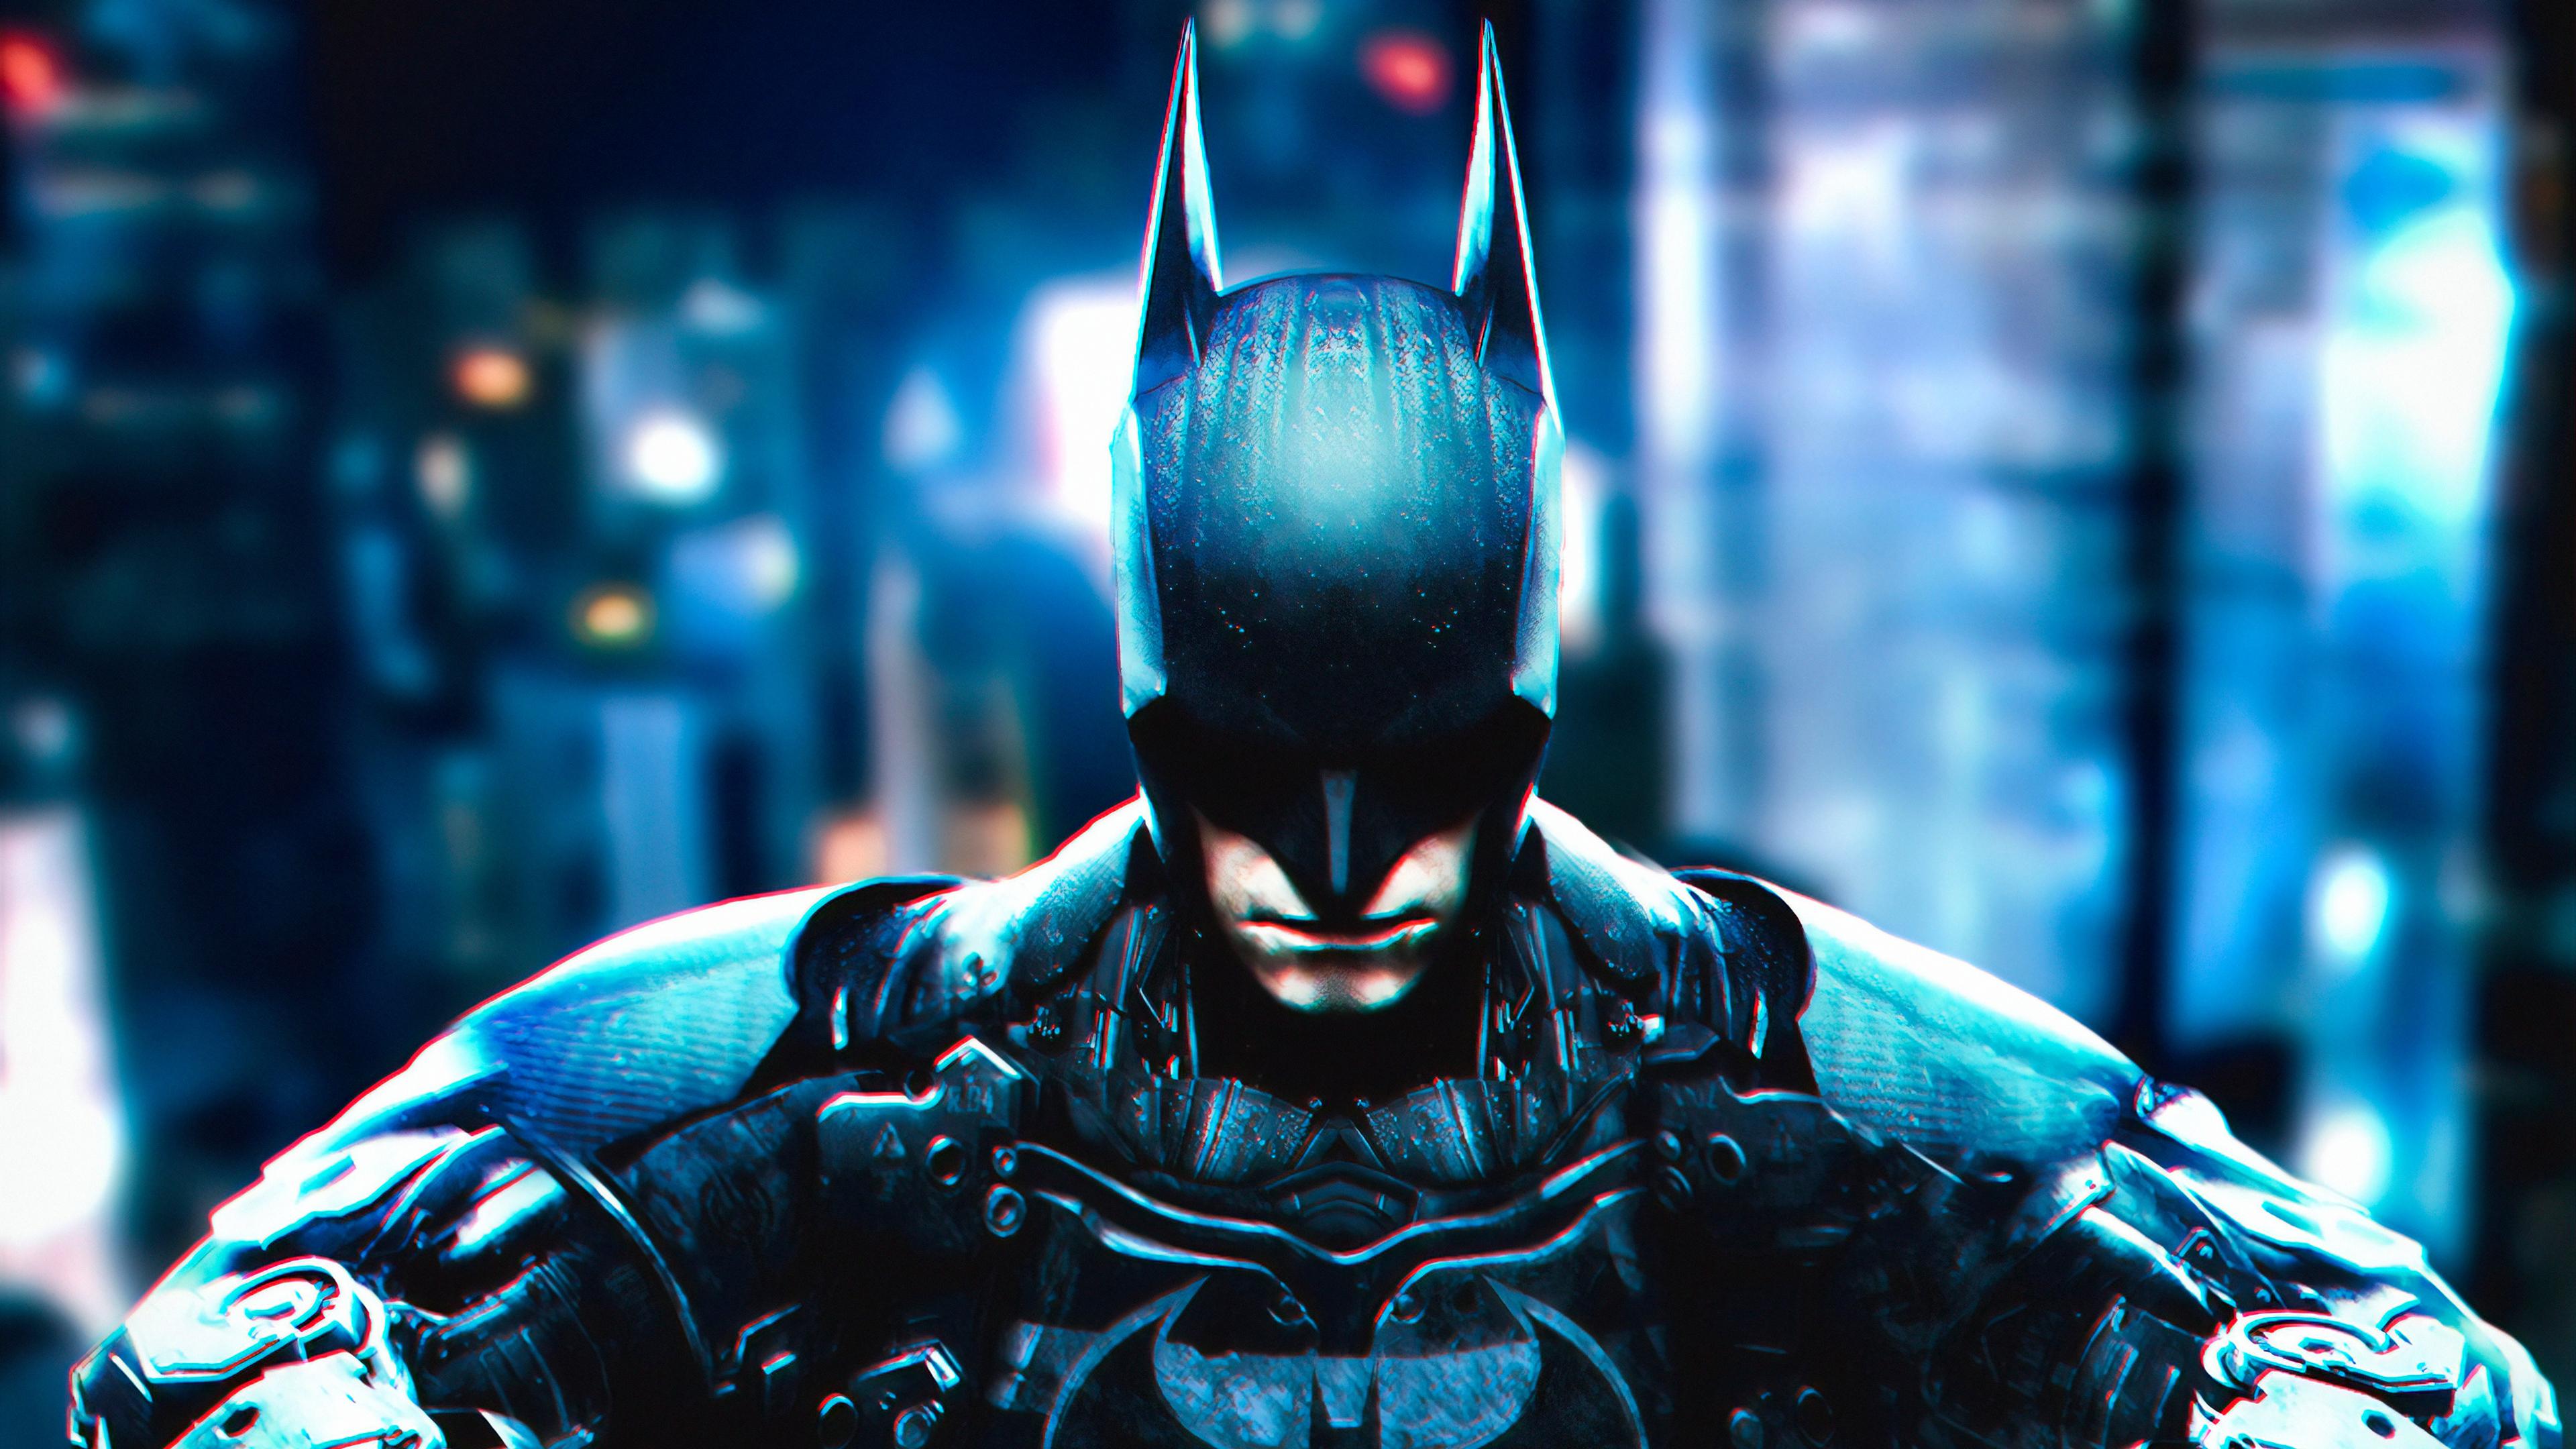 batman dark arts 1570394279 - Batman Dark Arts - superheroes wallpapers, hd-wallpapers, digital art wallpapers, batman wallpapers, artwork wallpapers, artstation wallpapers, 4k-wallpapers